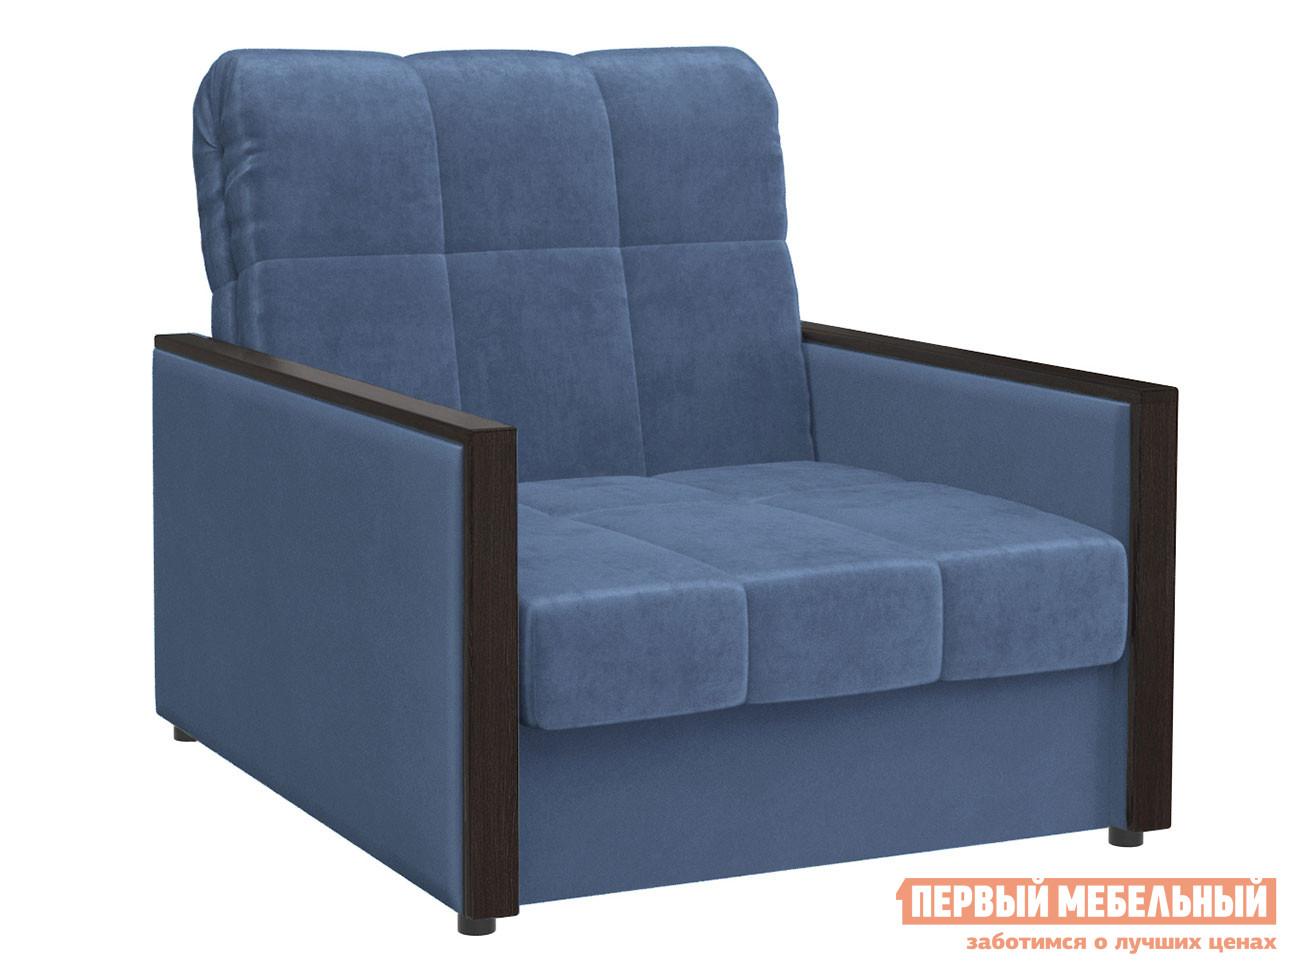 Кресло-кровать Первый Мебельный Кресло-кровать Орион